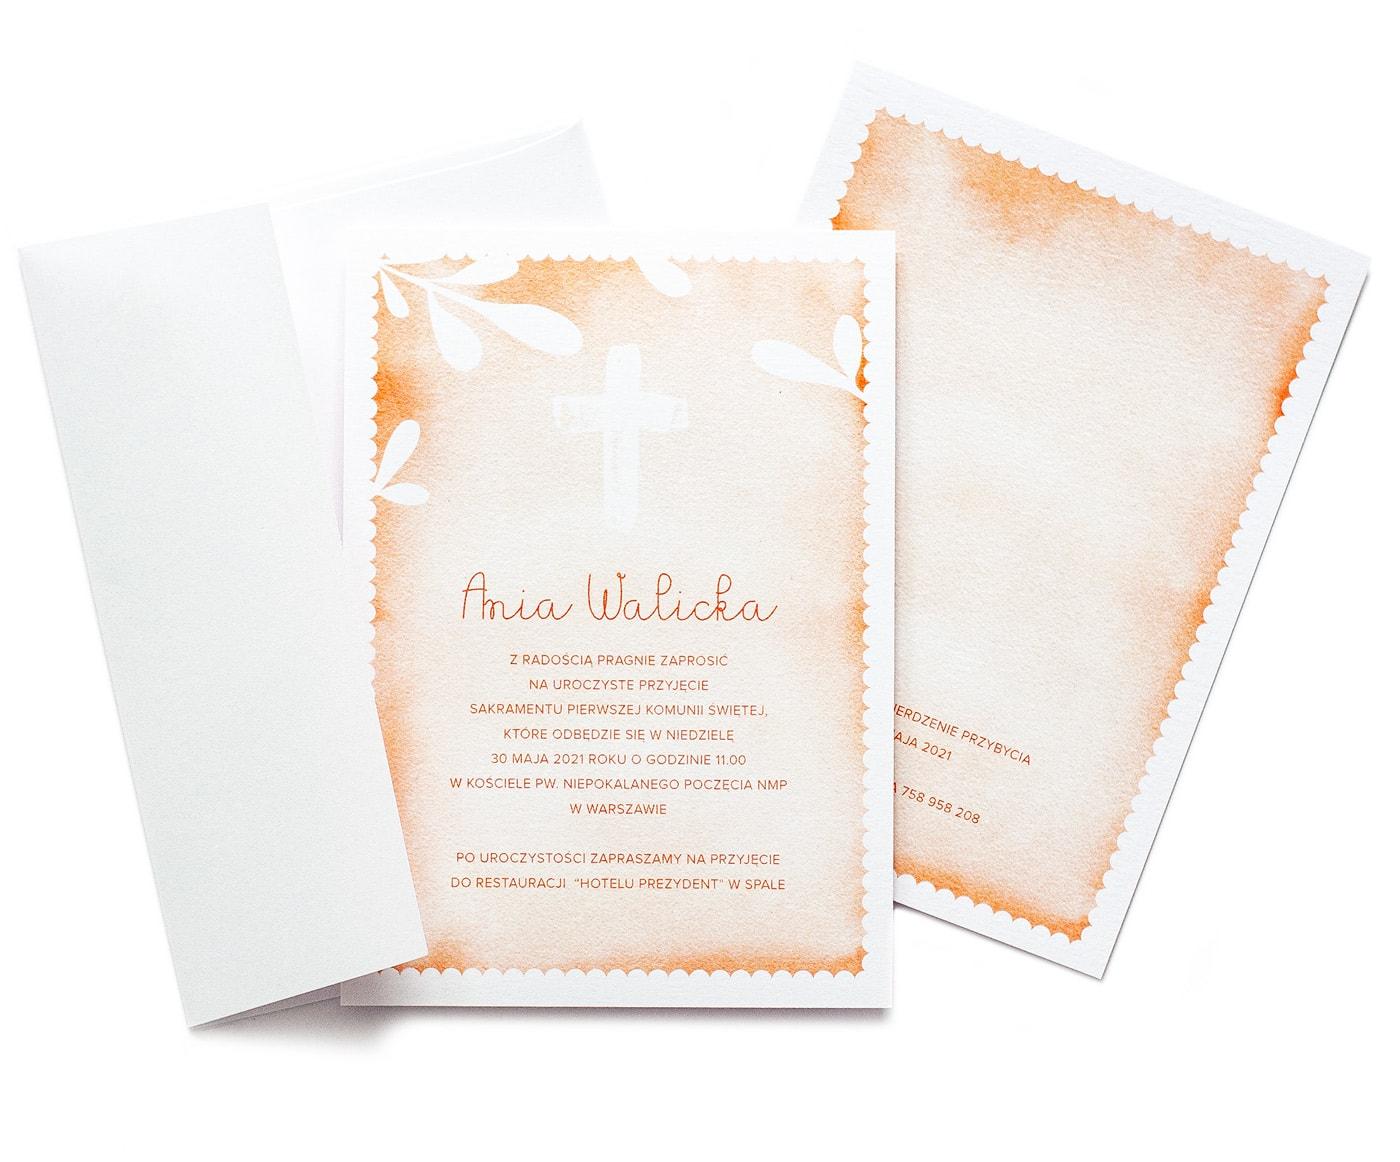 pomarańczowe zaproszenia na komunię watercolor z białym krzyżem i białymi listkami